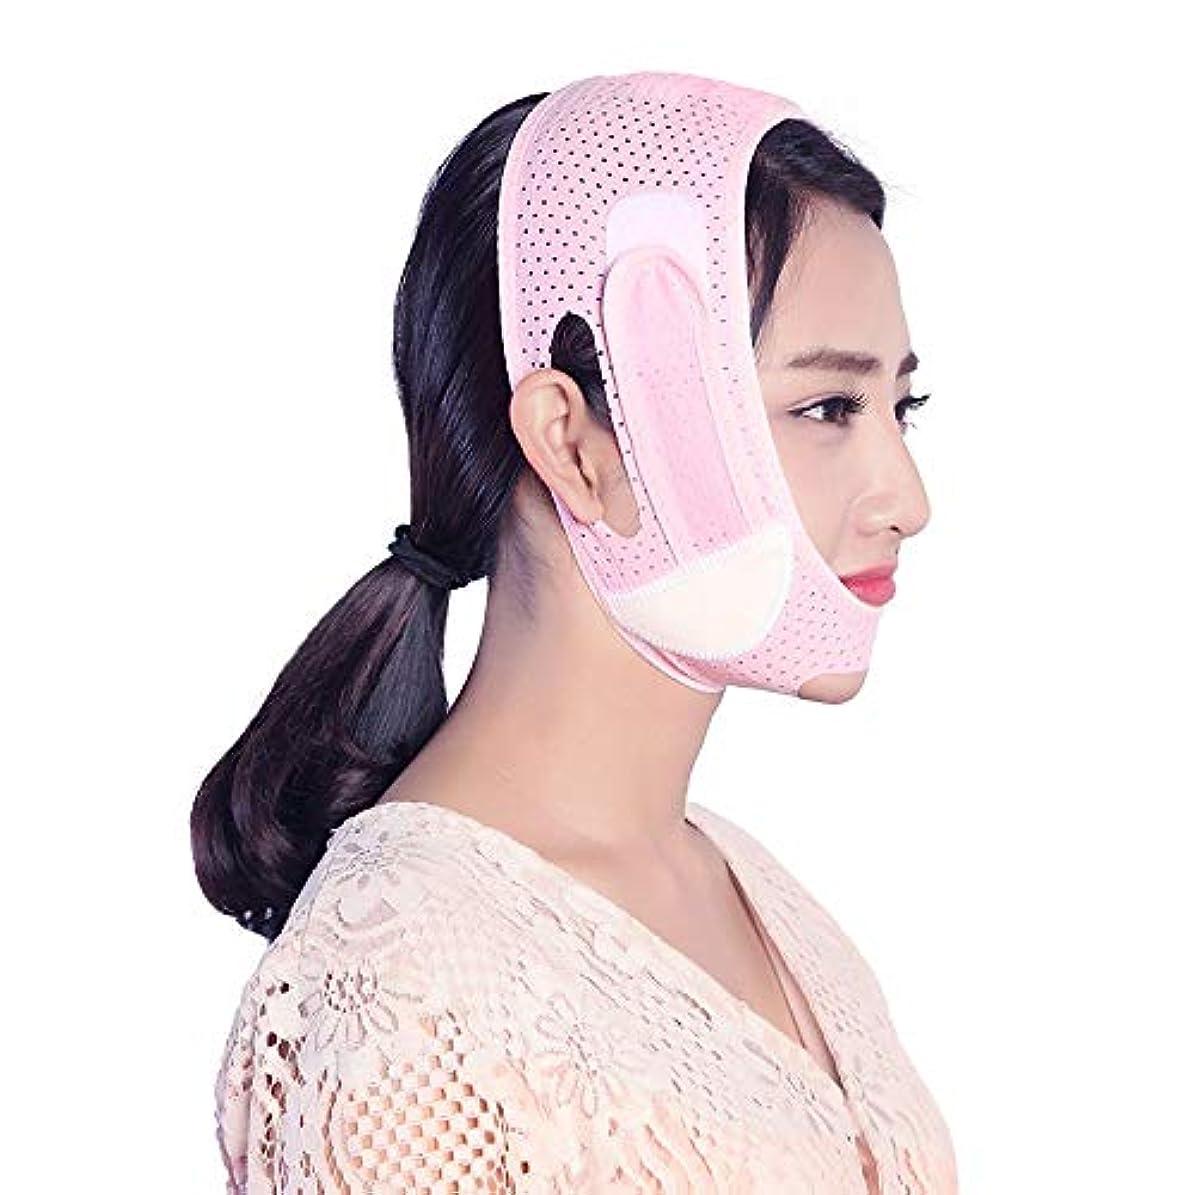 同じスーパーノベルティJia Jia- 睡眠薄い顔パッチ包帯吊り上げプルv顔引き締めどころアーティファクト判決パターン二重あご薄いマッセルマスク - ピンク 顔面包帯